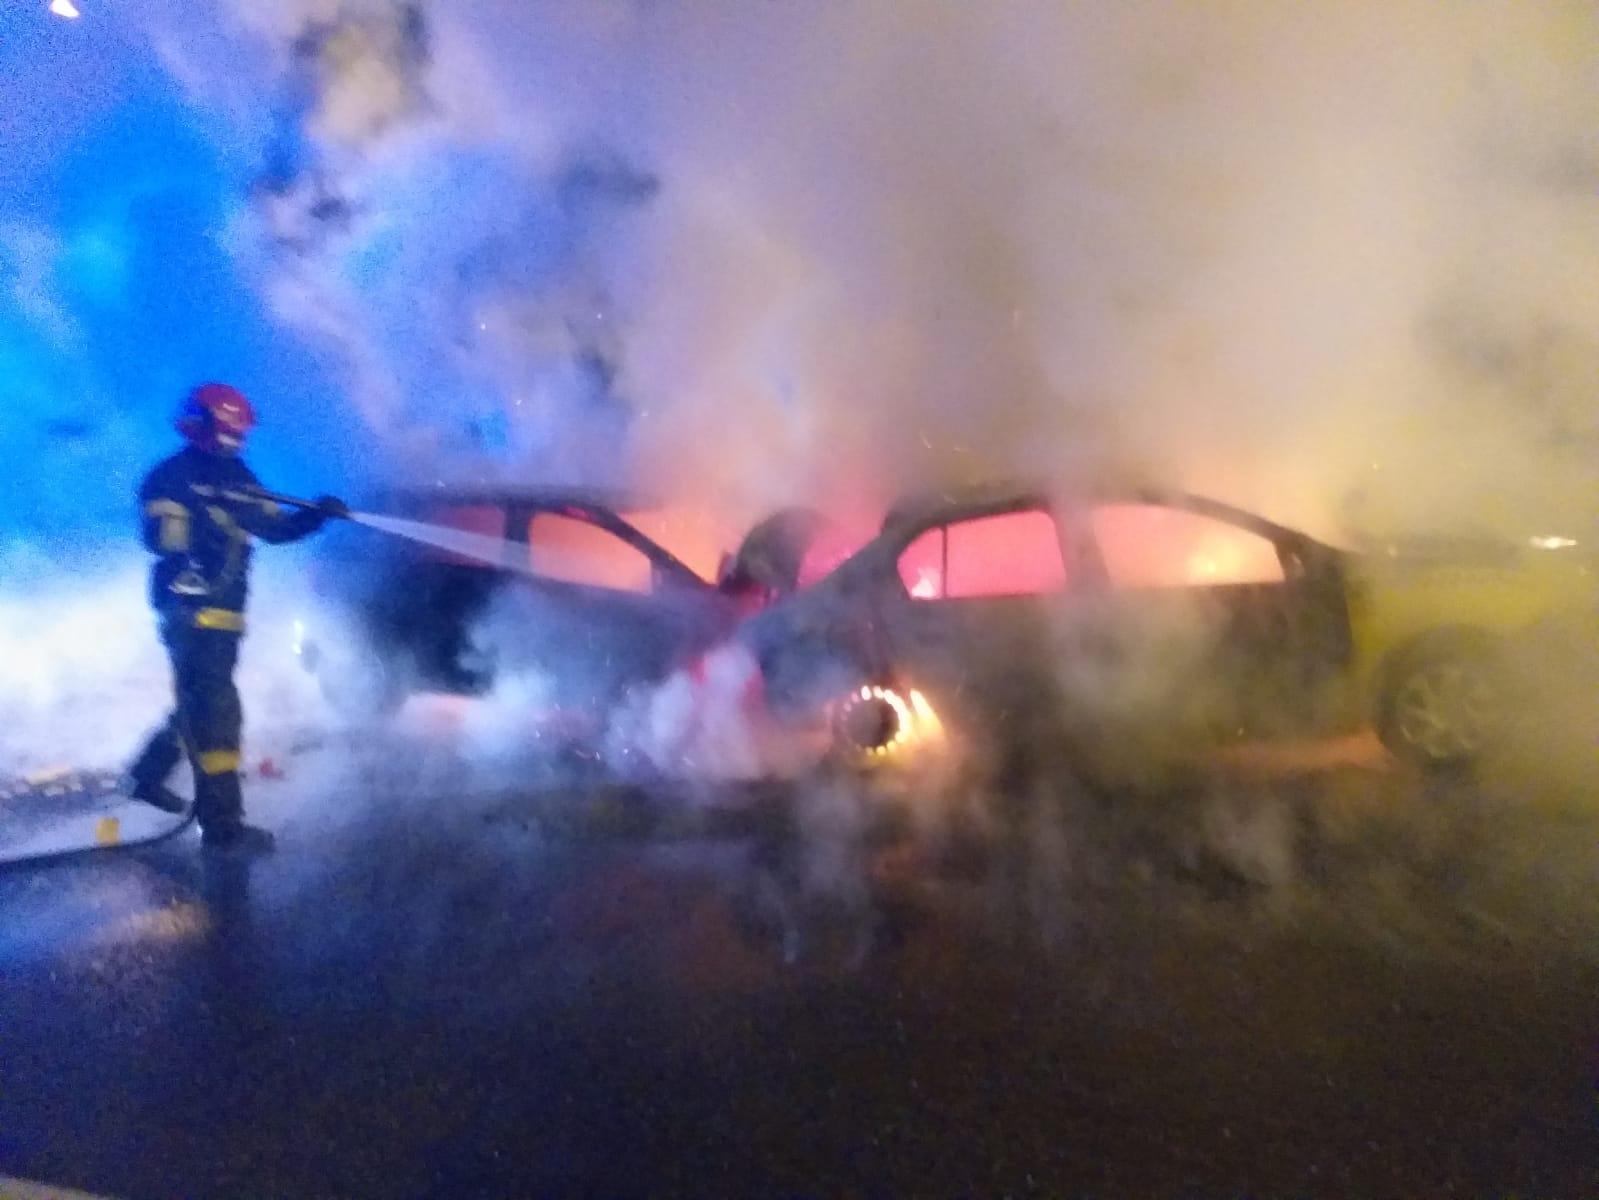 Actualizare foto - Doi șoferi implicați în carambolul de la Veștem erau din CIsnădie. Unul era în stare de ebrietate